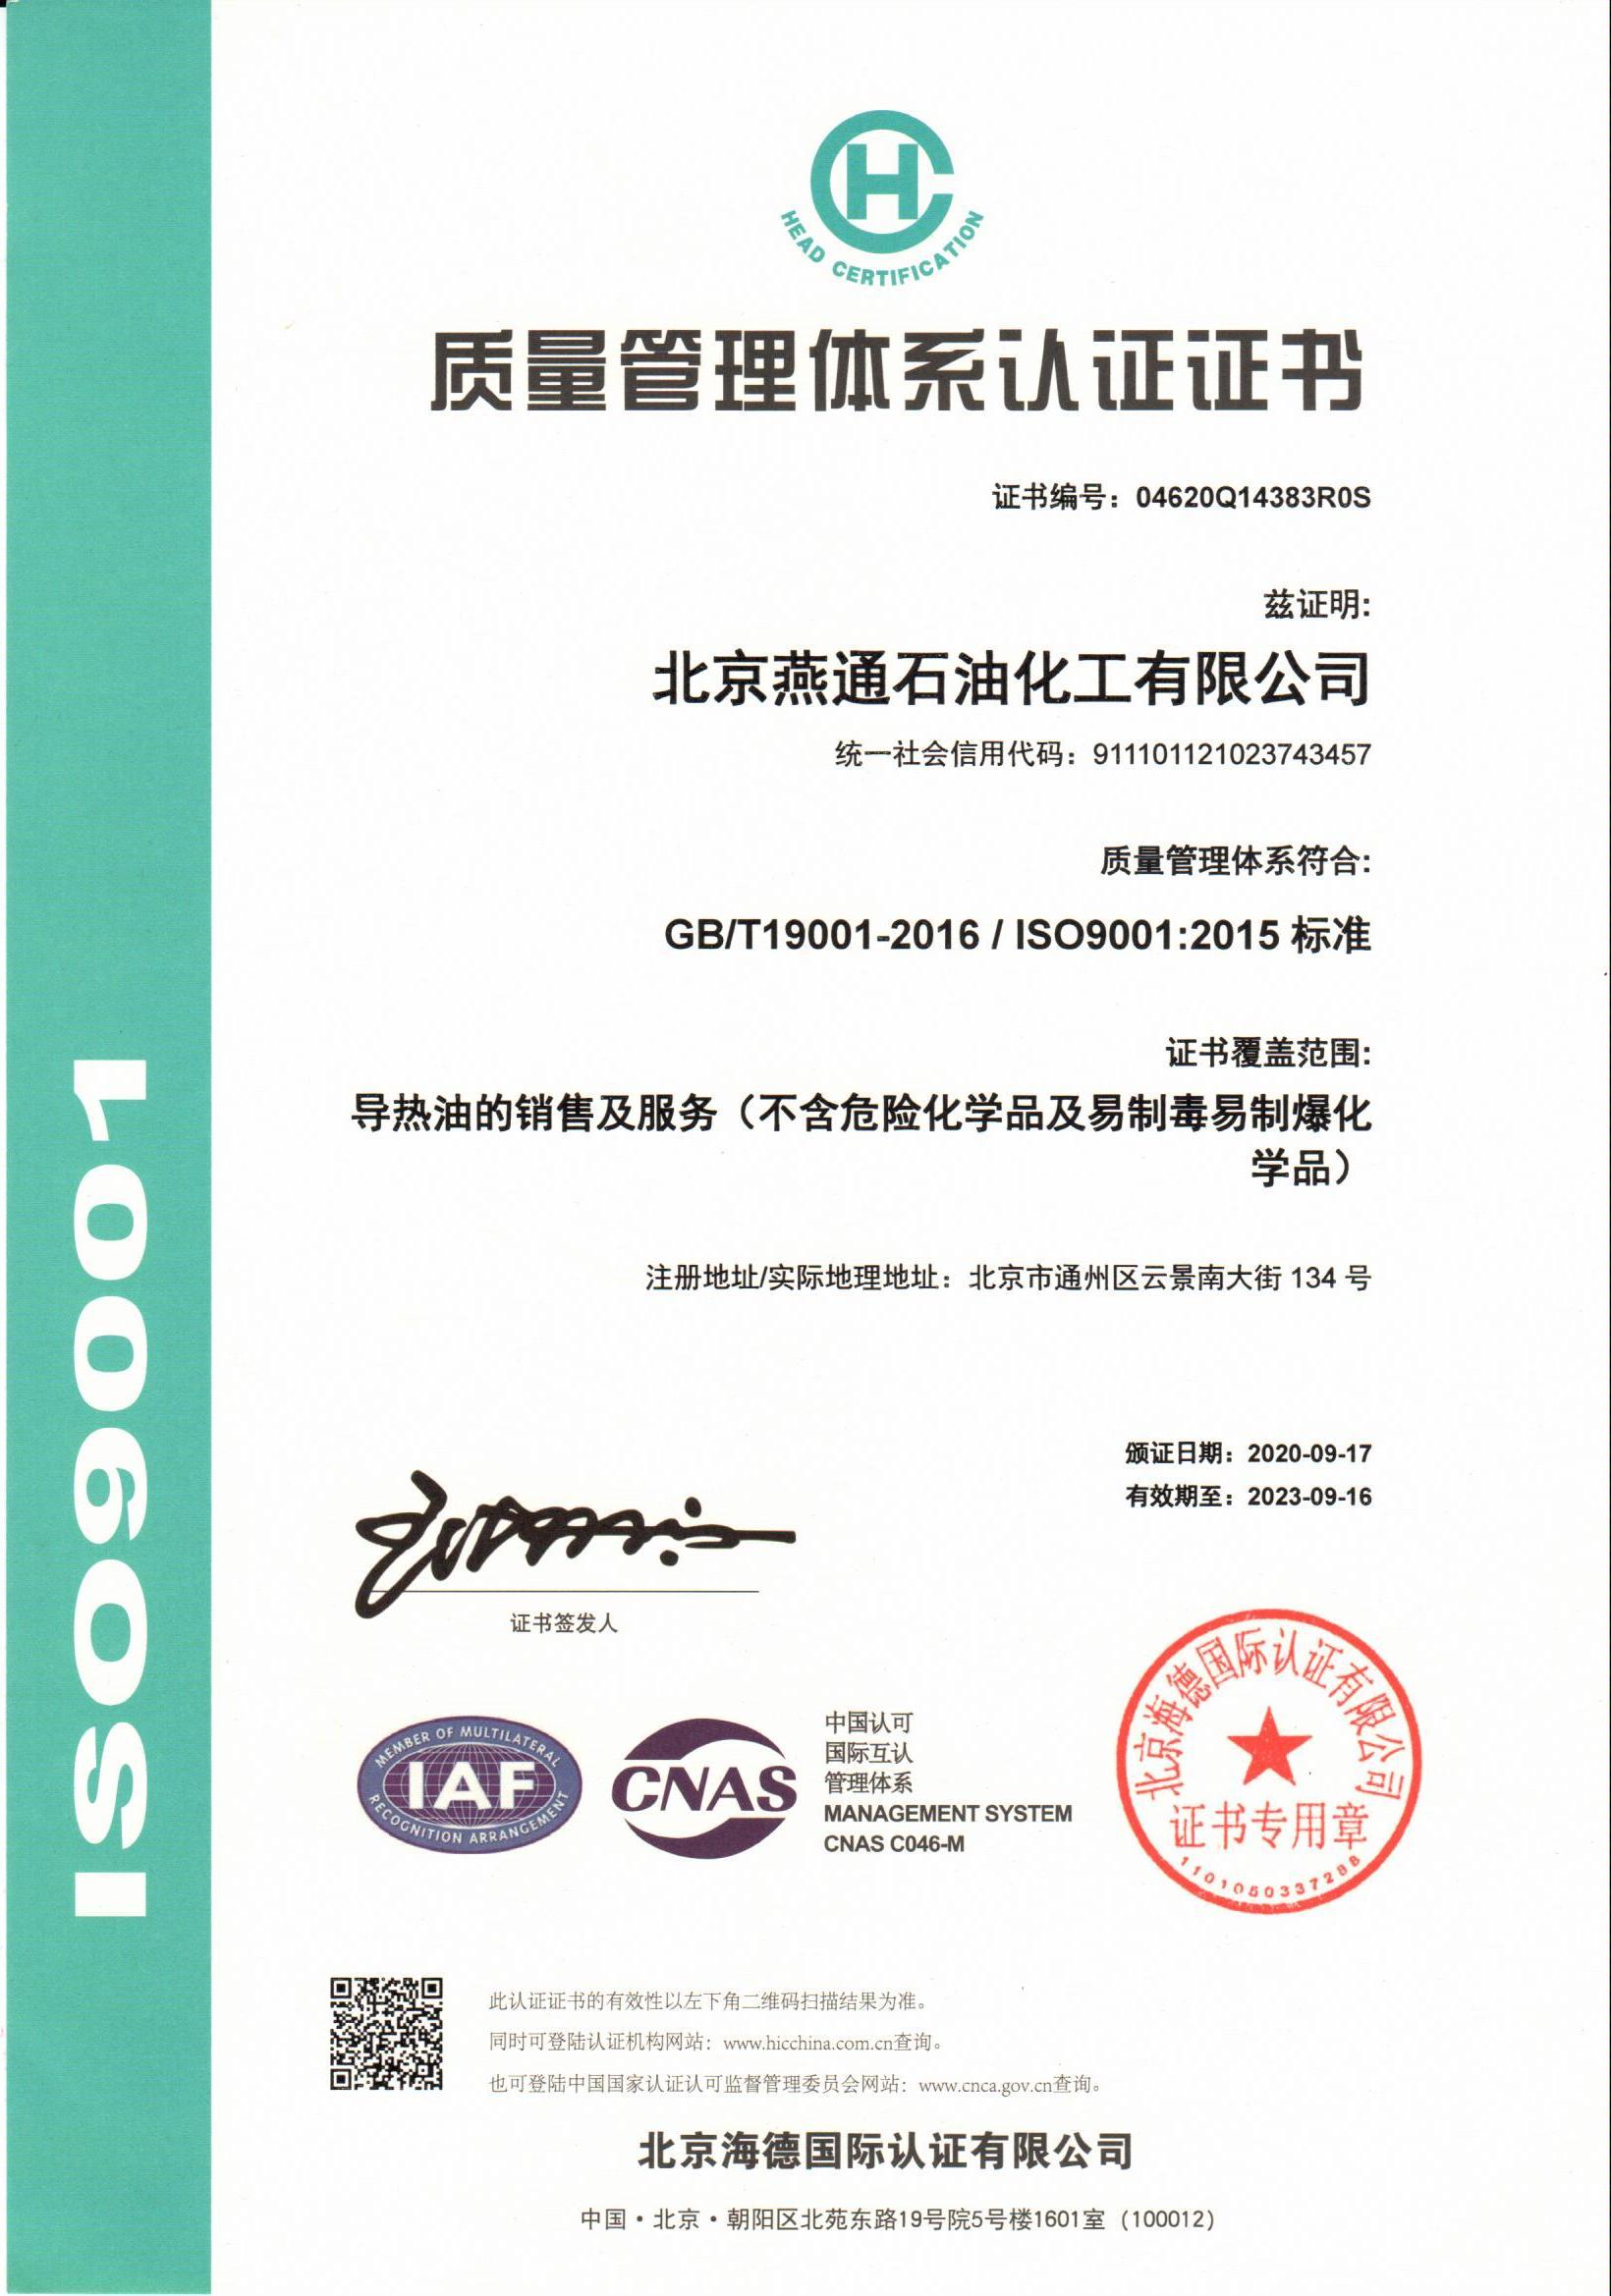 燕通导热油质量管理体系认证